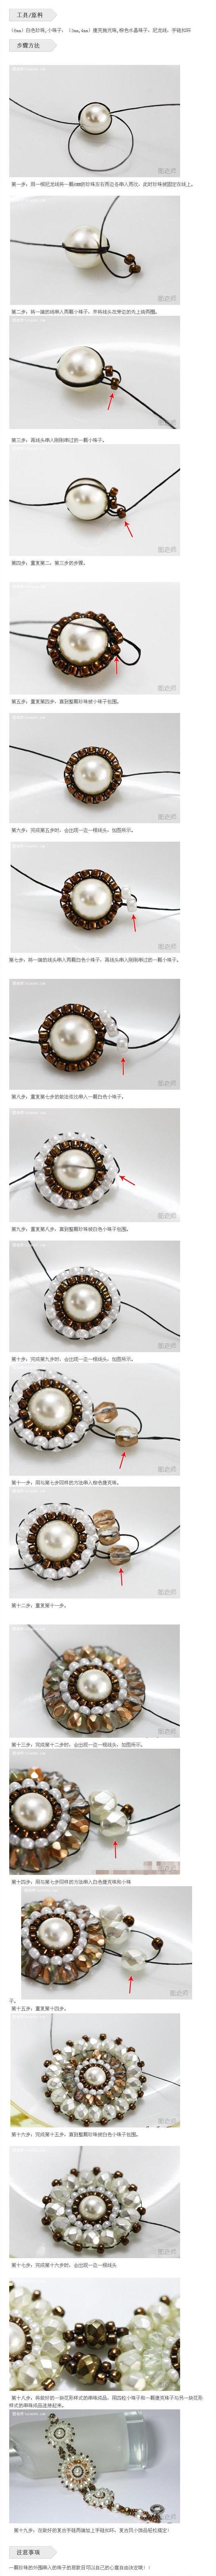 Tutorial for a Retro beaded bracelet via duitang.com: Does any one know the original source of this? #DIY #Beaded_Bracelet #duitang